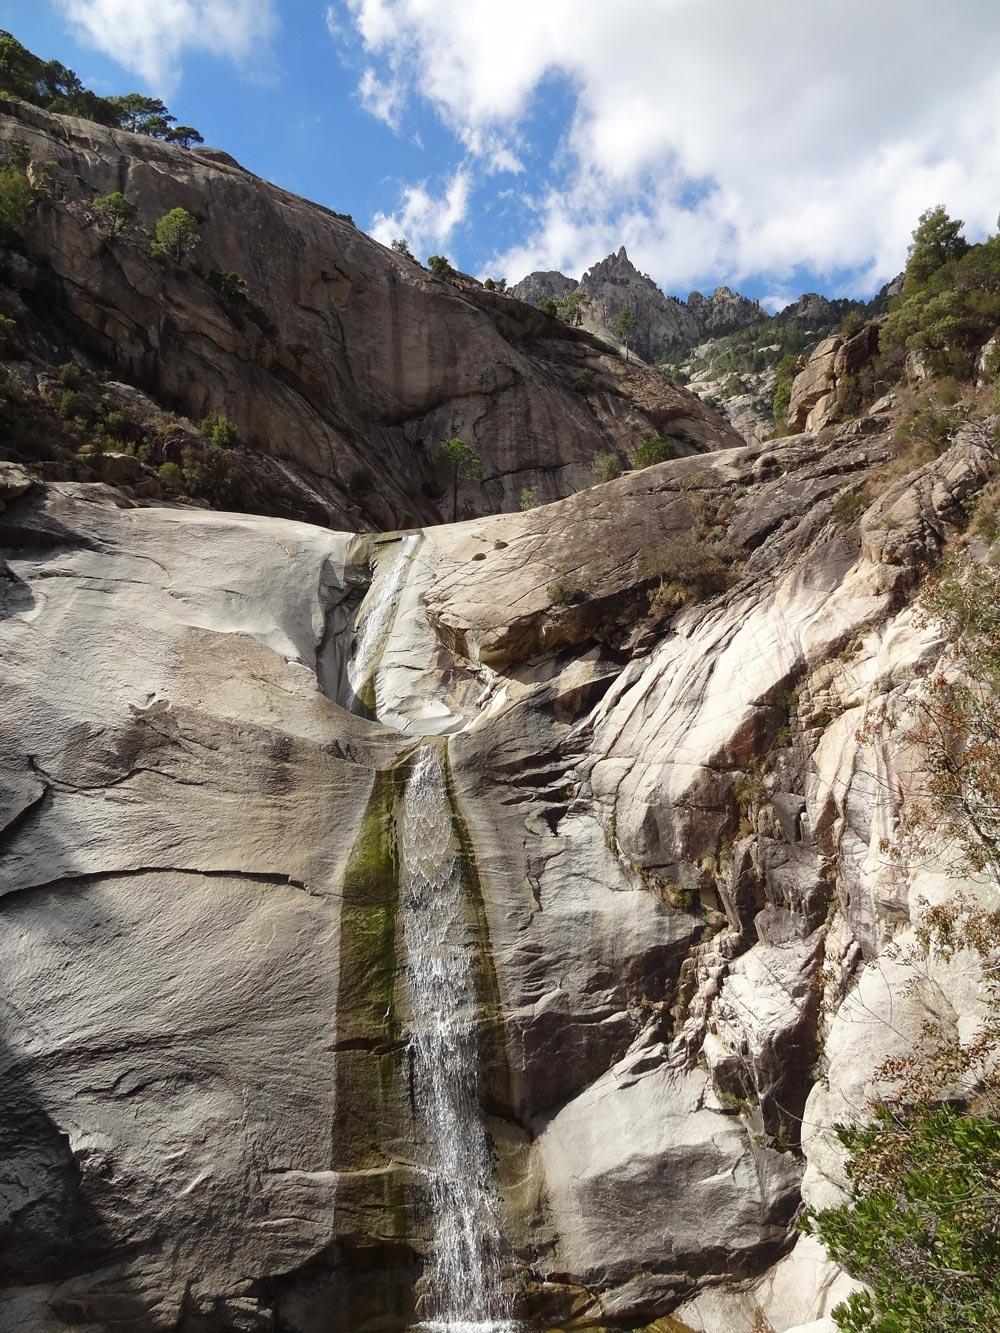 Cascades De Bavella En Corse • Le Blog Cash Pistache encequiconcerne Piscine Naturelle D Eau Chaude Corse Du Sud